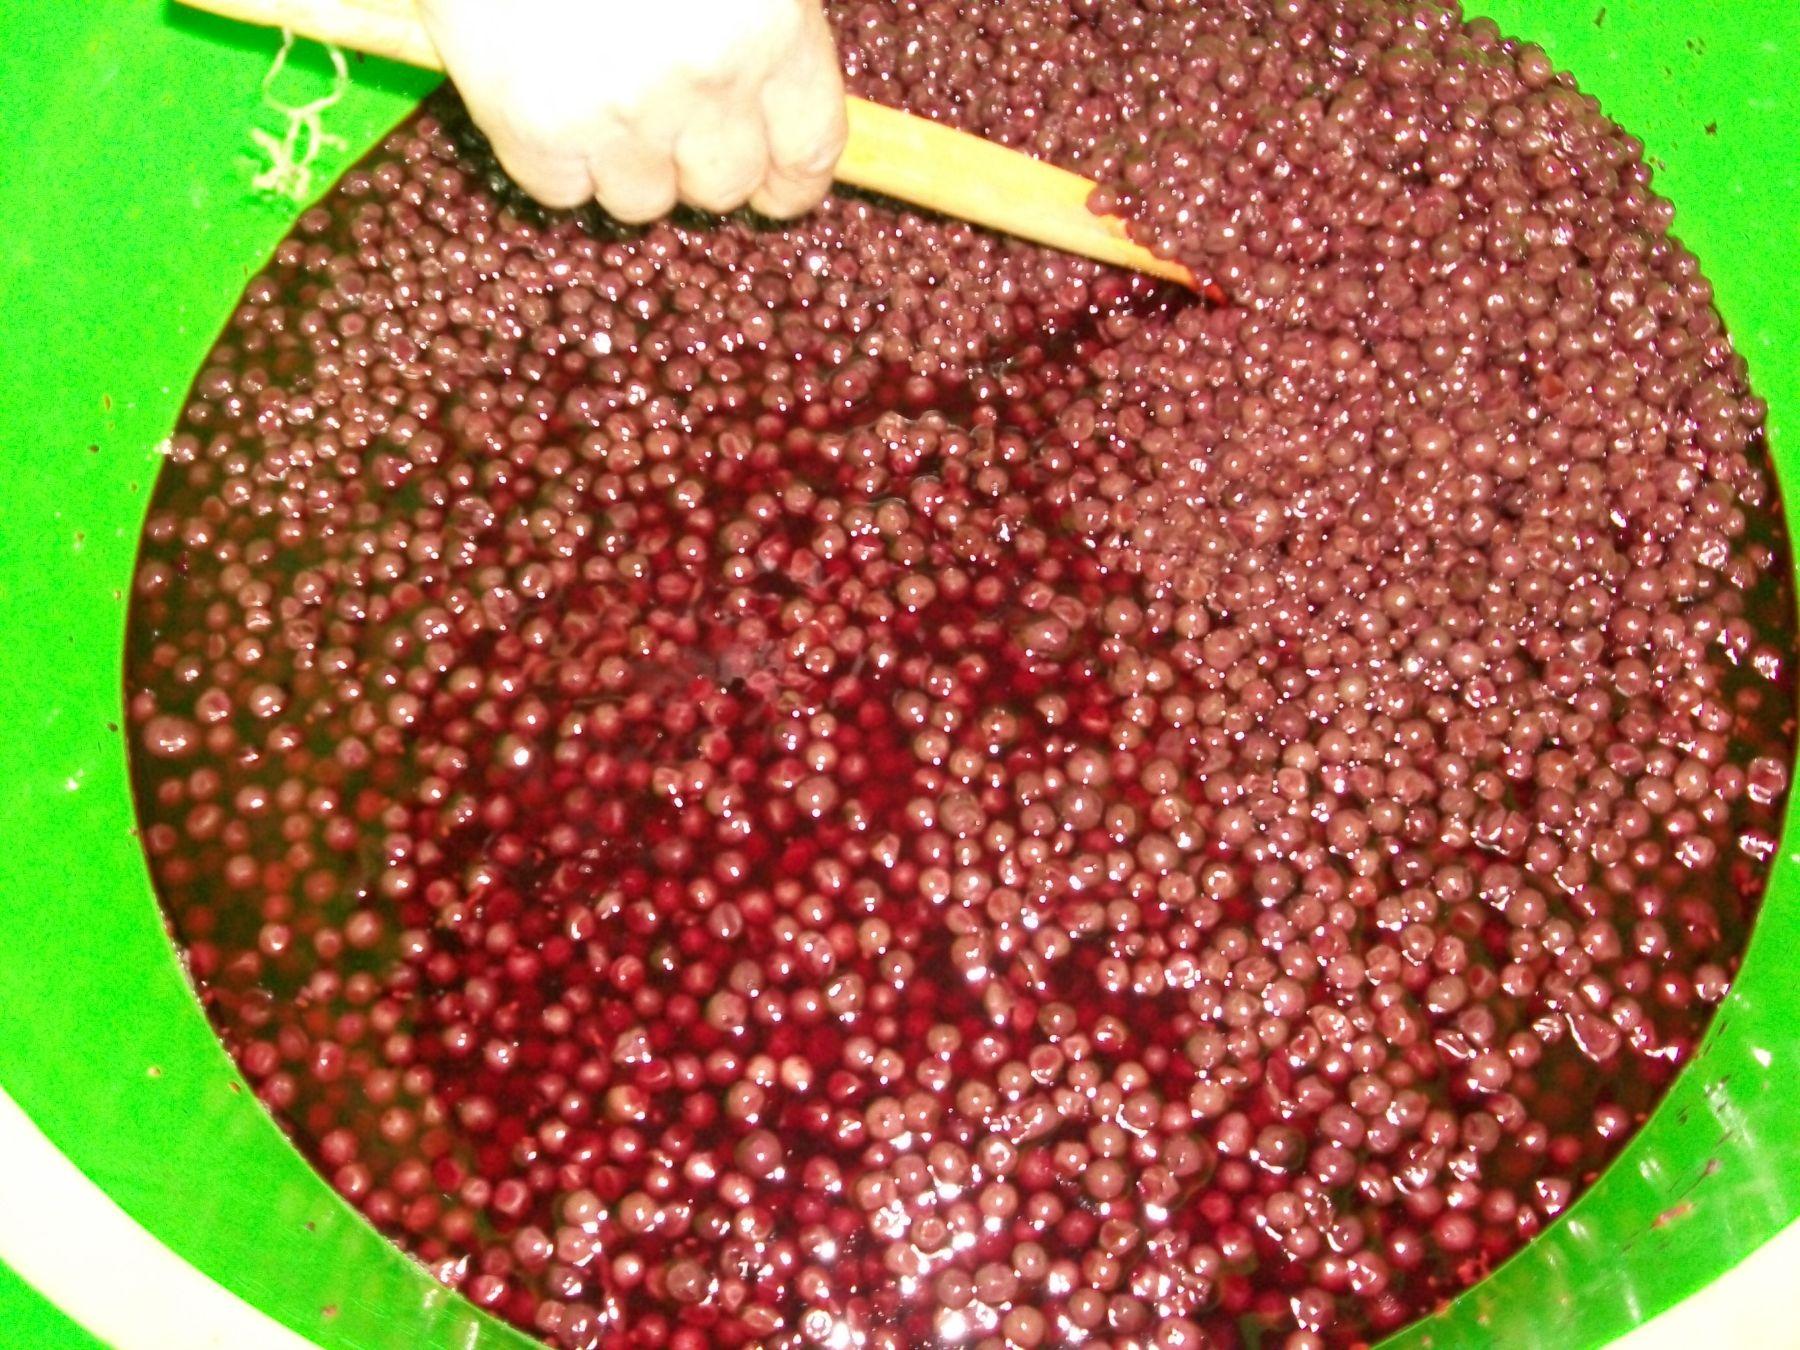 Preparación de vino de saúco. Foto: Programa Juntos.